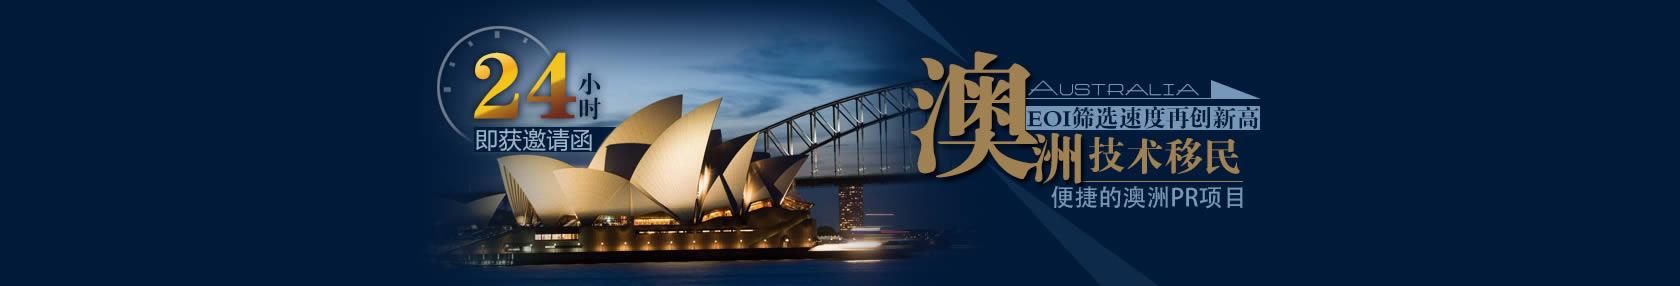 【环球移民】澳洲技术移民客户EOI打分邀请函提速,移民澳洲便捷PR项目